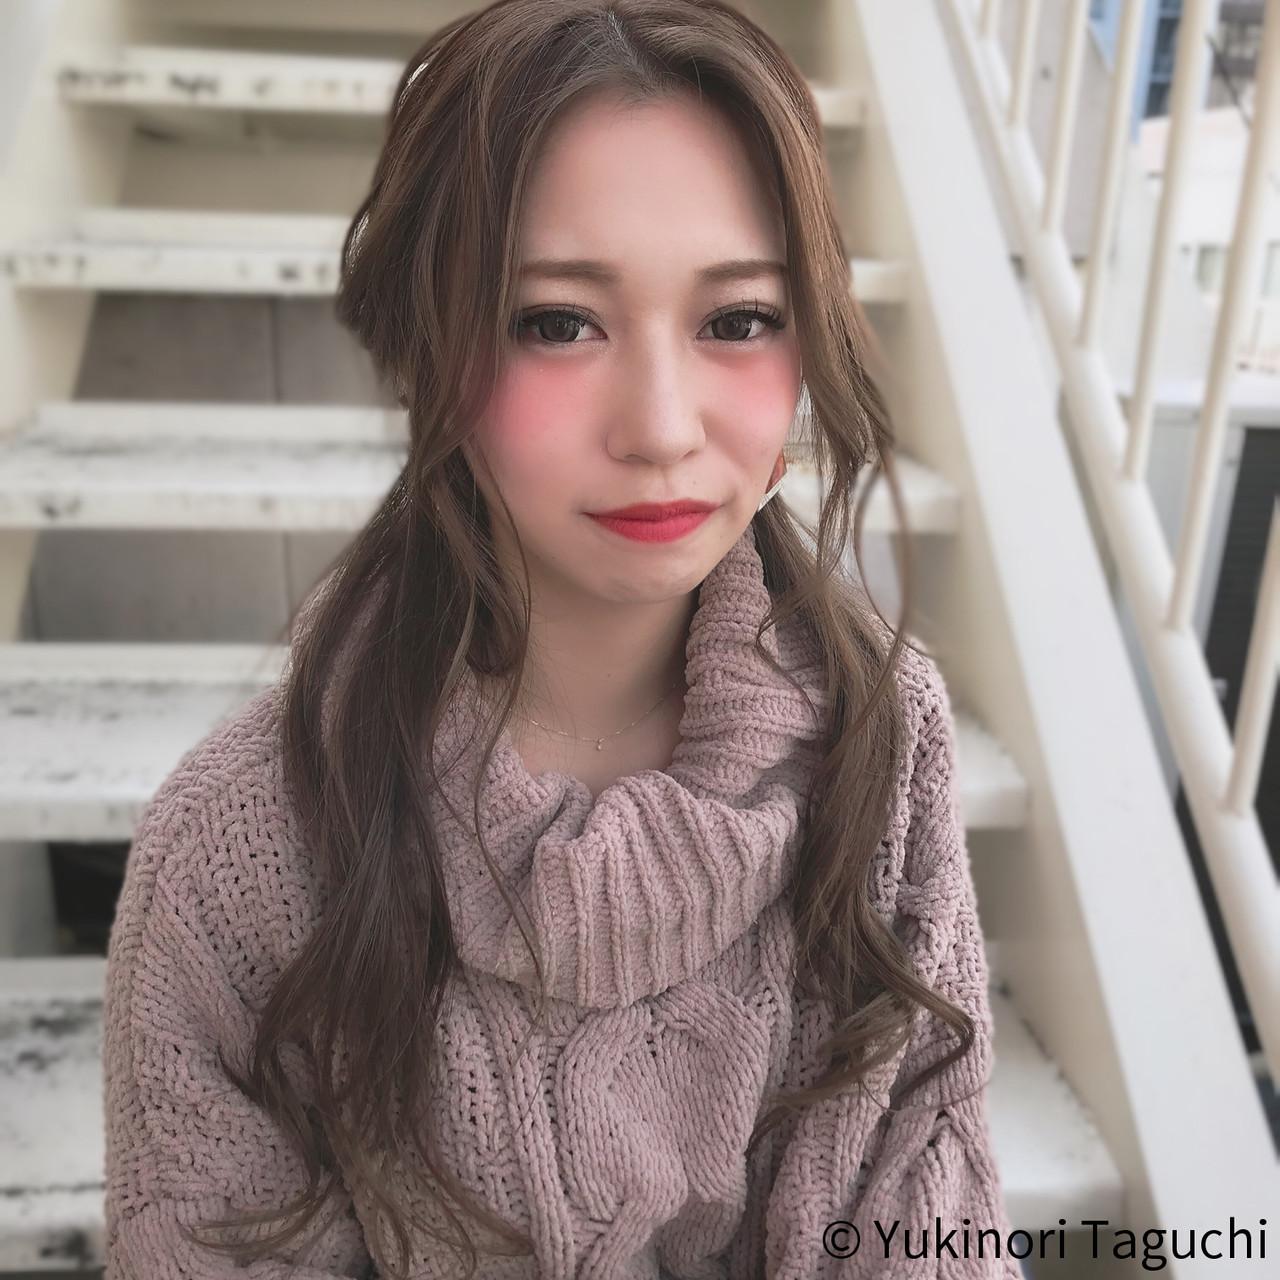 デート グレージュ ヘアアレンジ ロング ヘアスタイルや髪型の写真・画像